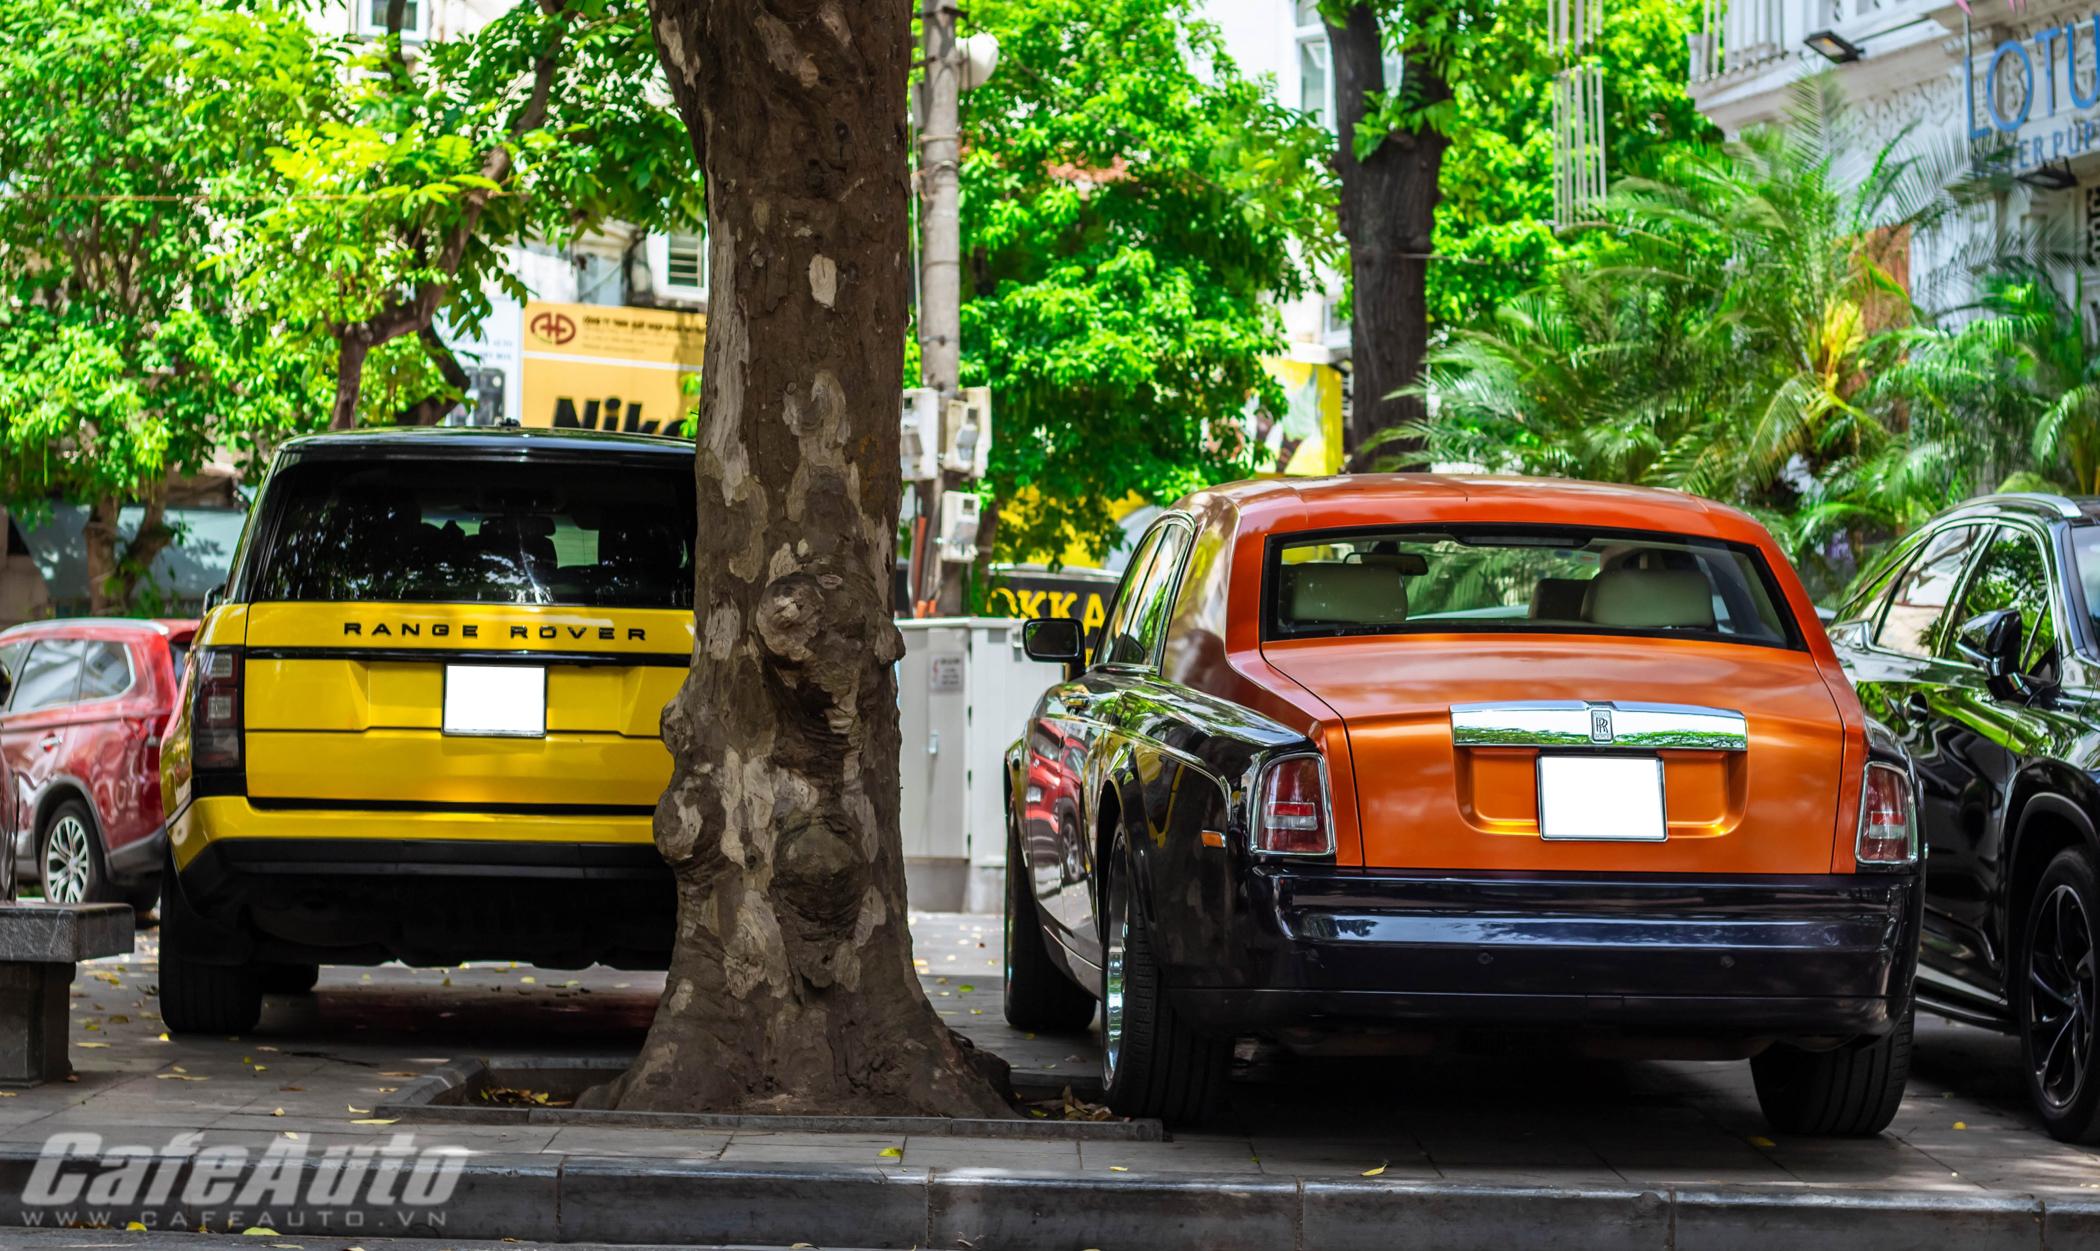 """Rolls-Royce Phantom """"sánh đôi"""" cùng Range Rover màu cực dị trên phố Hà Nội"""